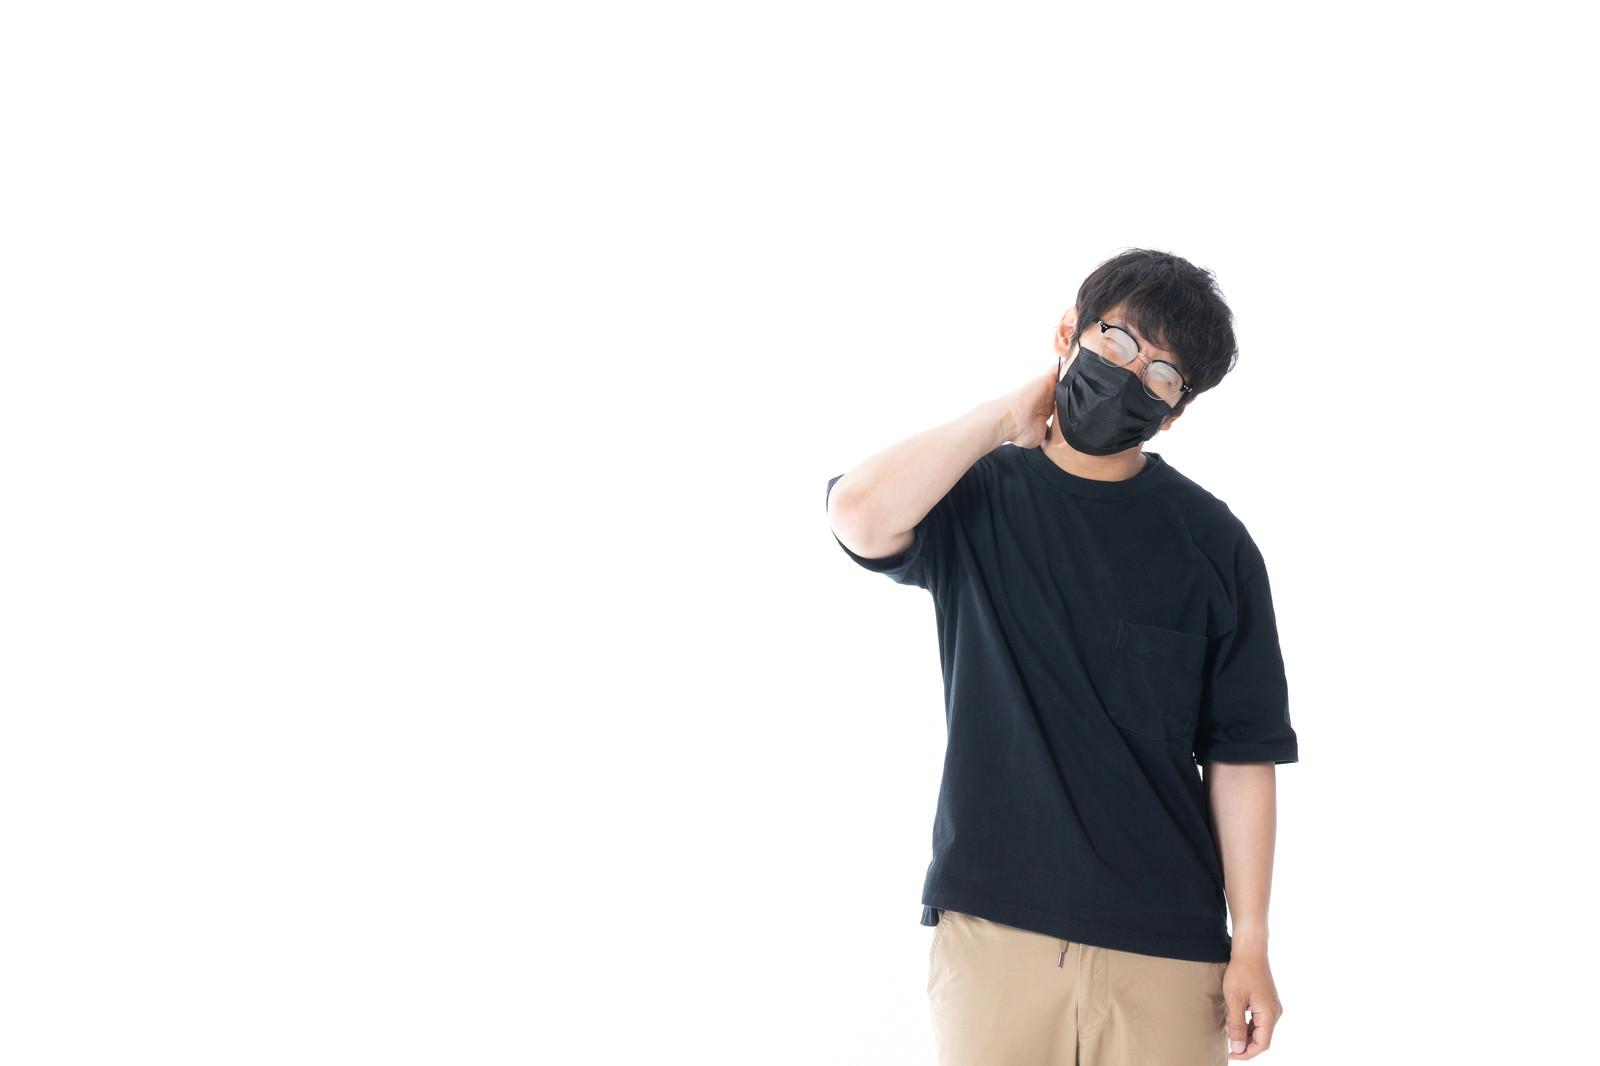 「マスクをしながら眼鏡をすると曇って見えない」の写真[モデル:大川竜弥]